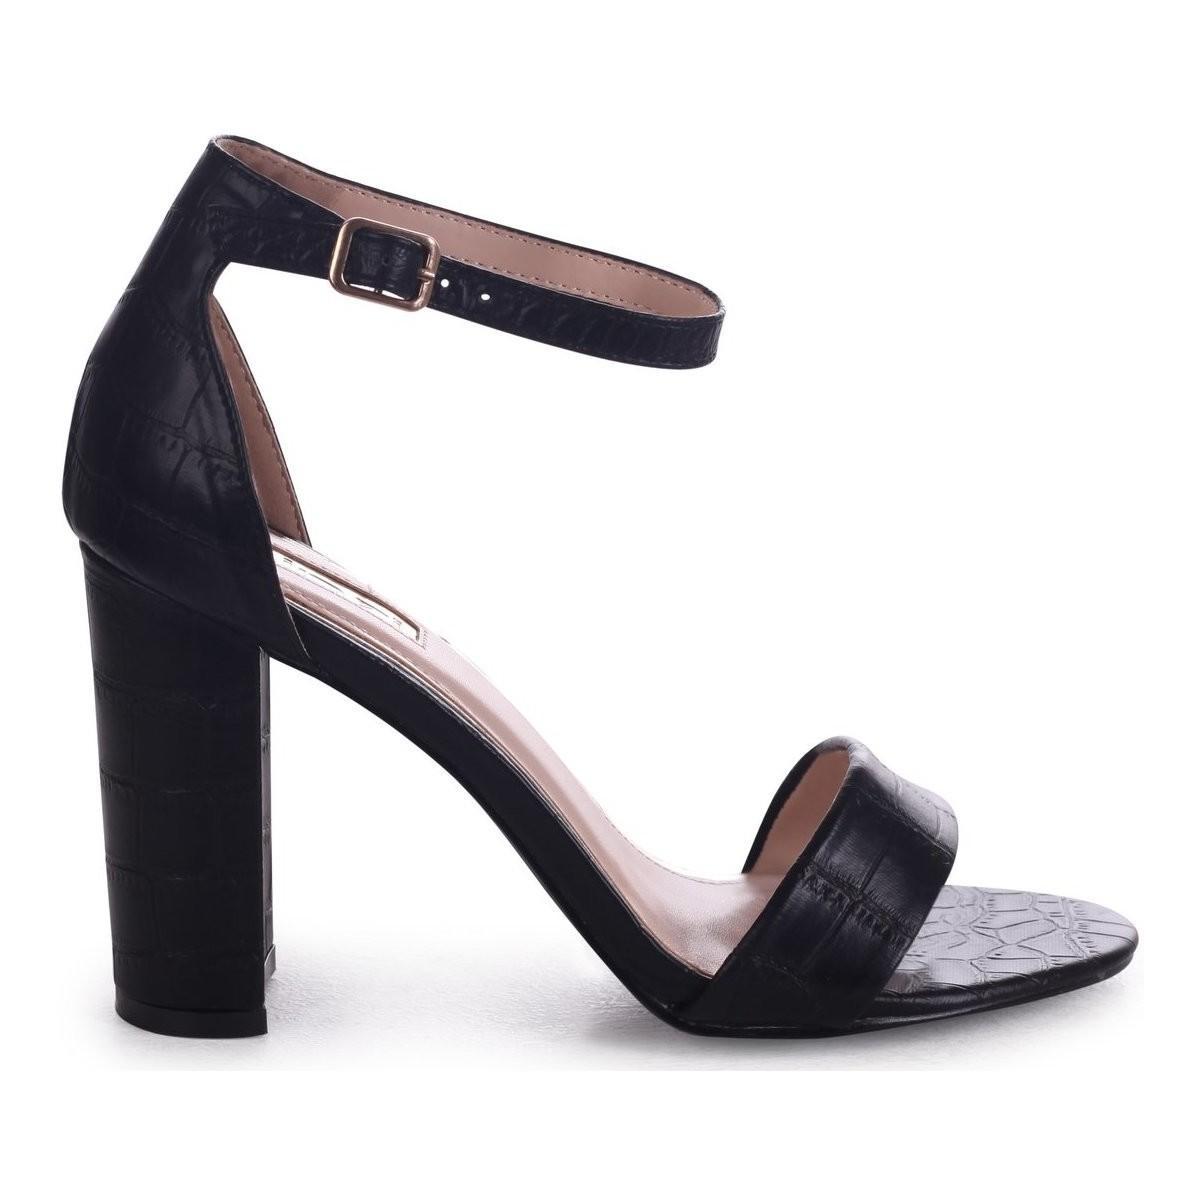 cb848bd98e Linzi Nelly Women's Sandals In Black in Black - Lyst